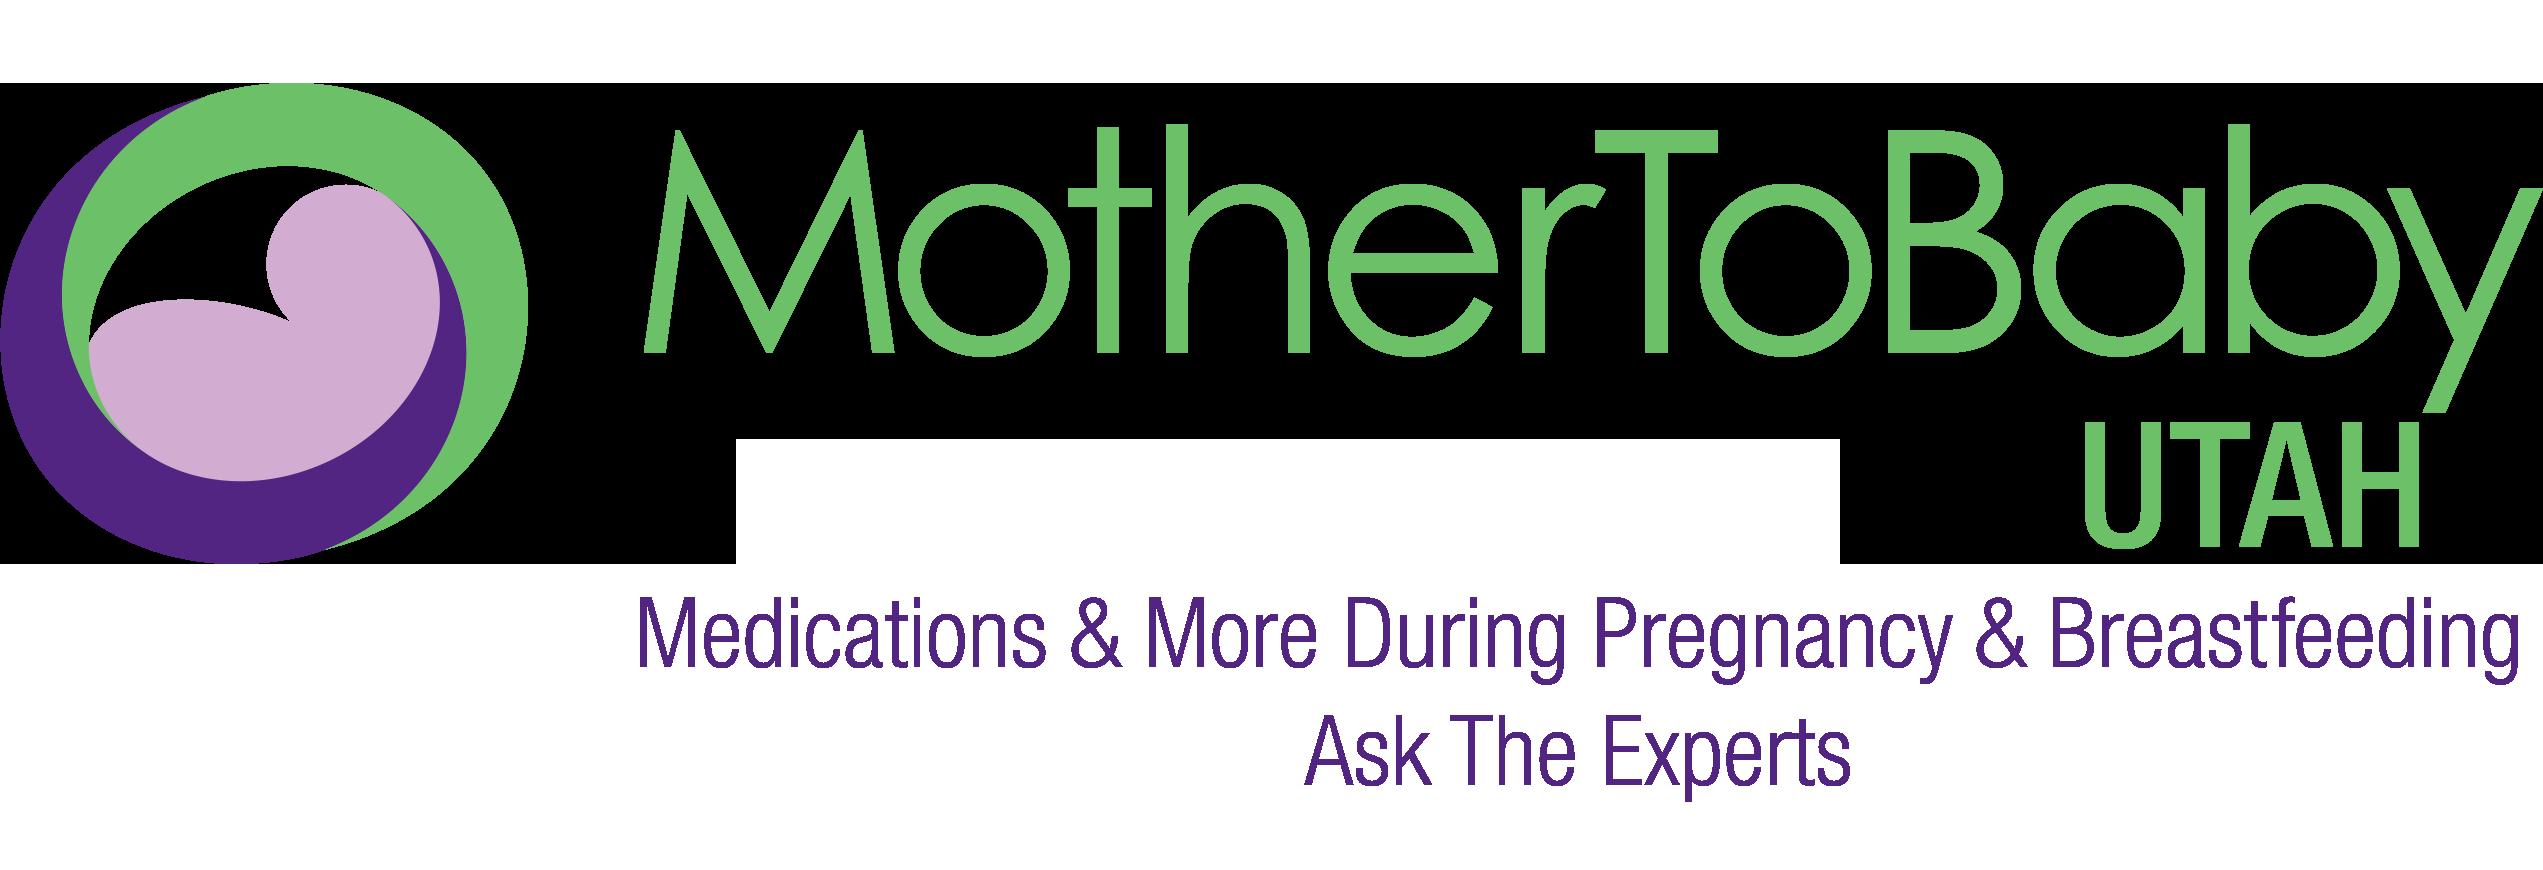 MotherToBaby Utah Logo